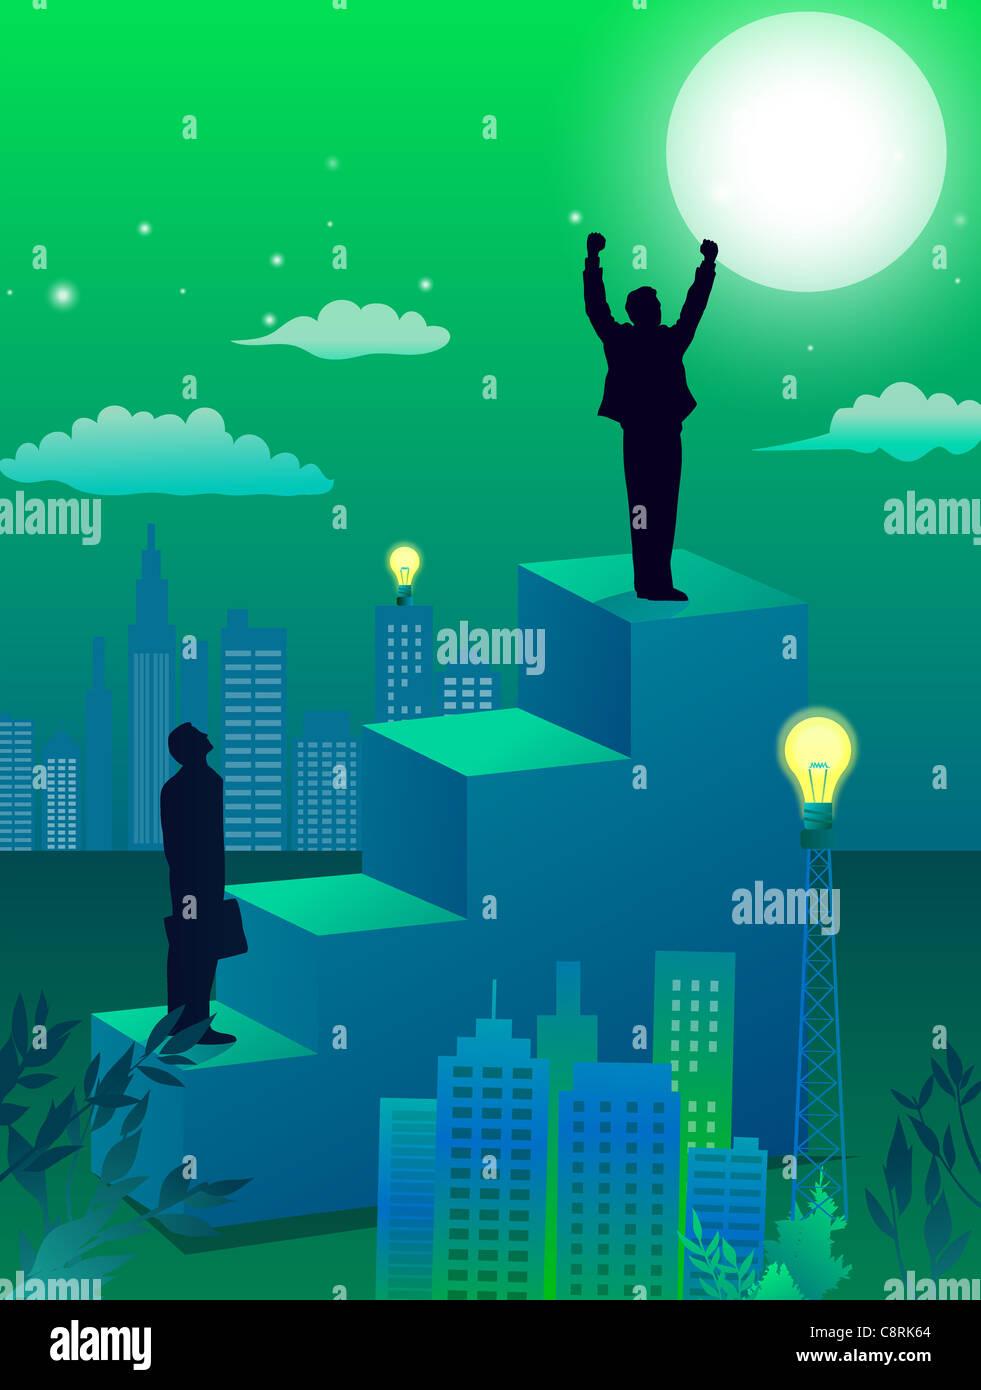 Illustrazione della città e due uomini stavano in piedi alto sui passi Immagini Stock